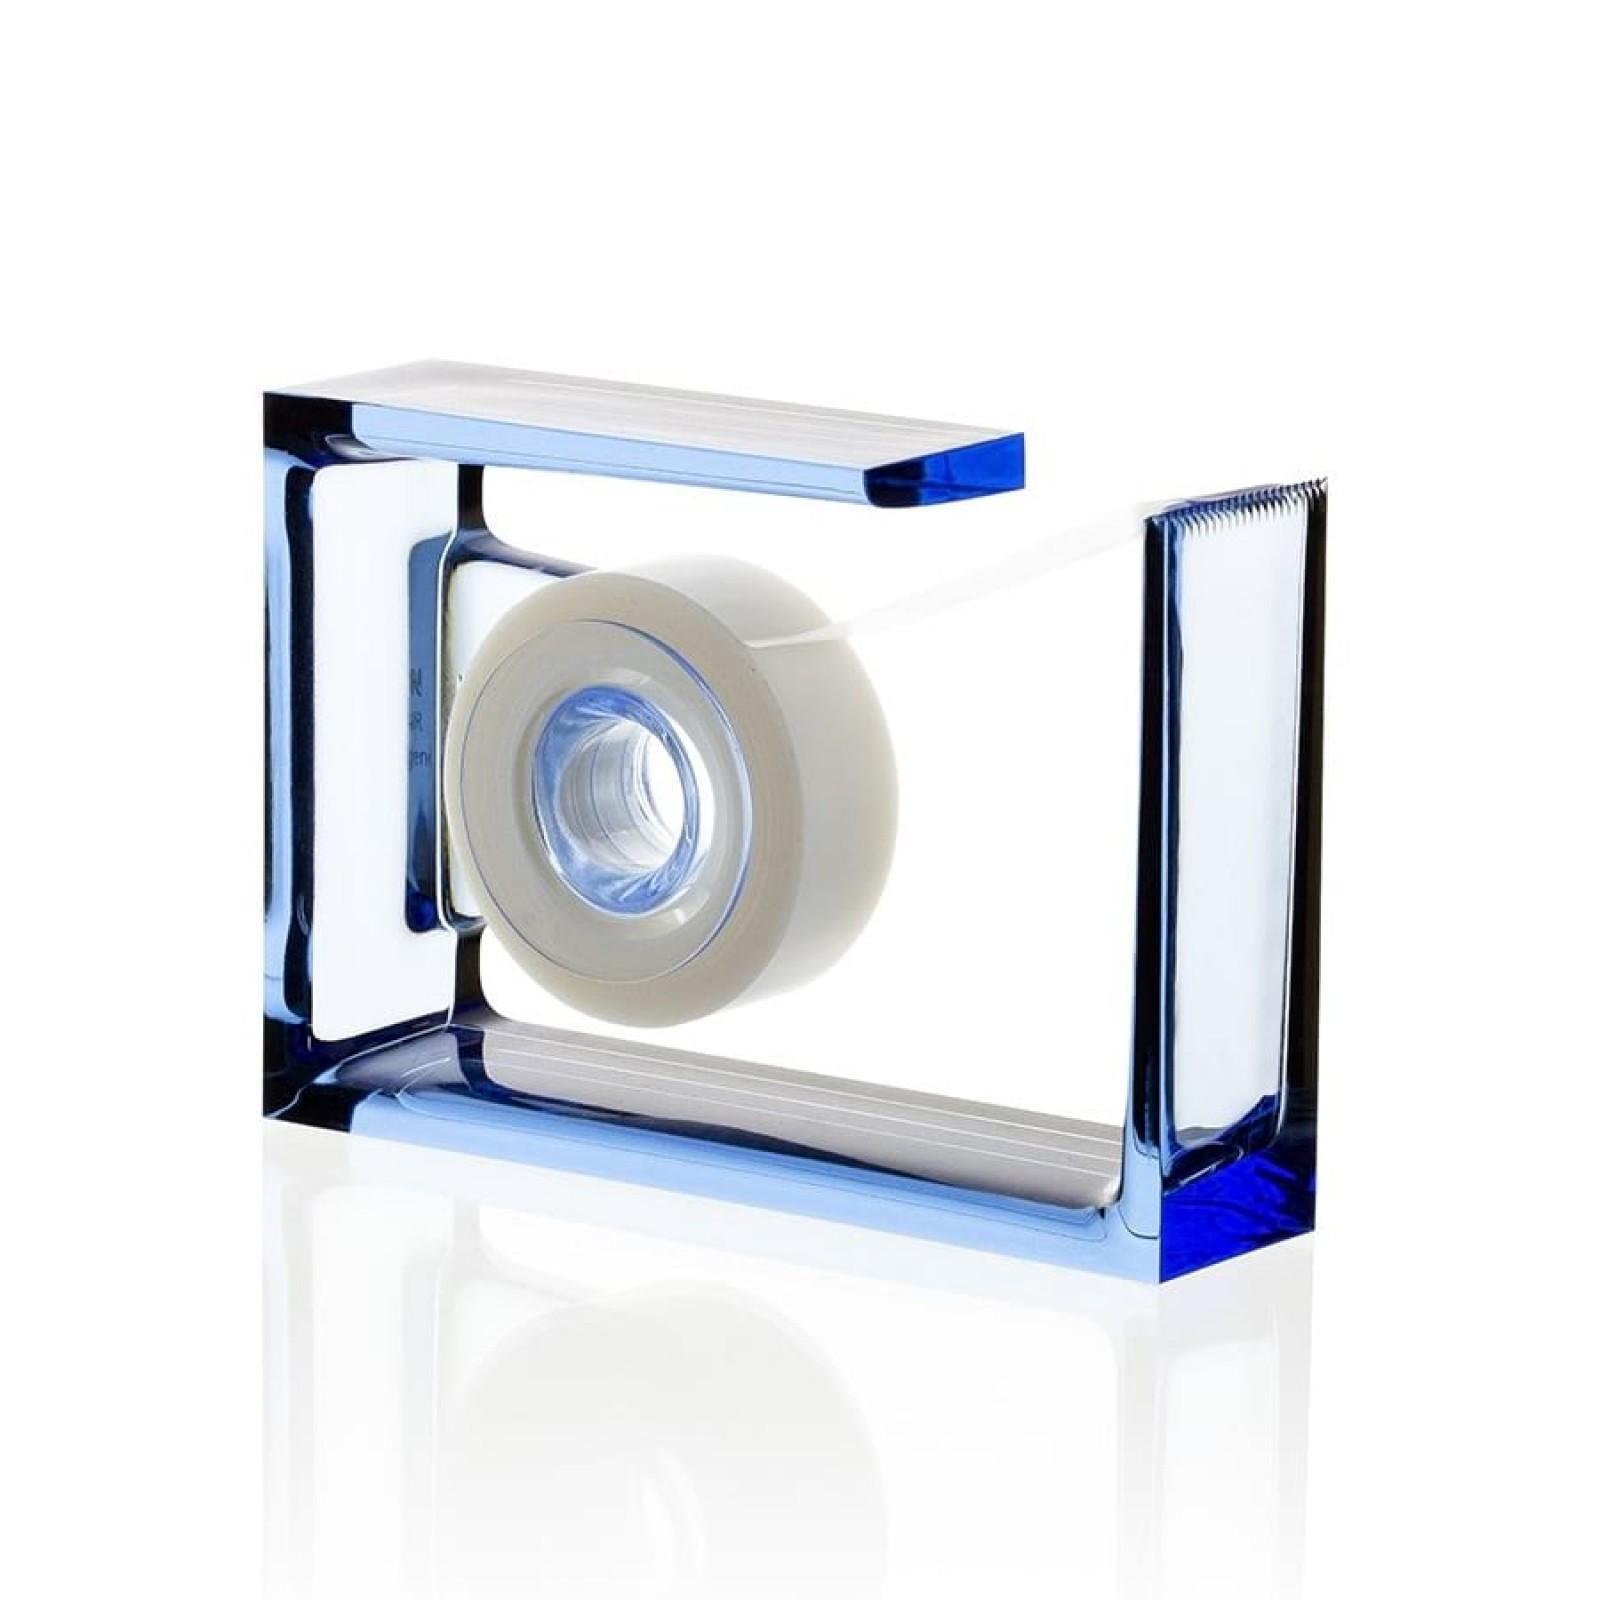 Βάση Σελοτέιπ Roll Air (Μπλε) – LEXON